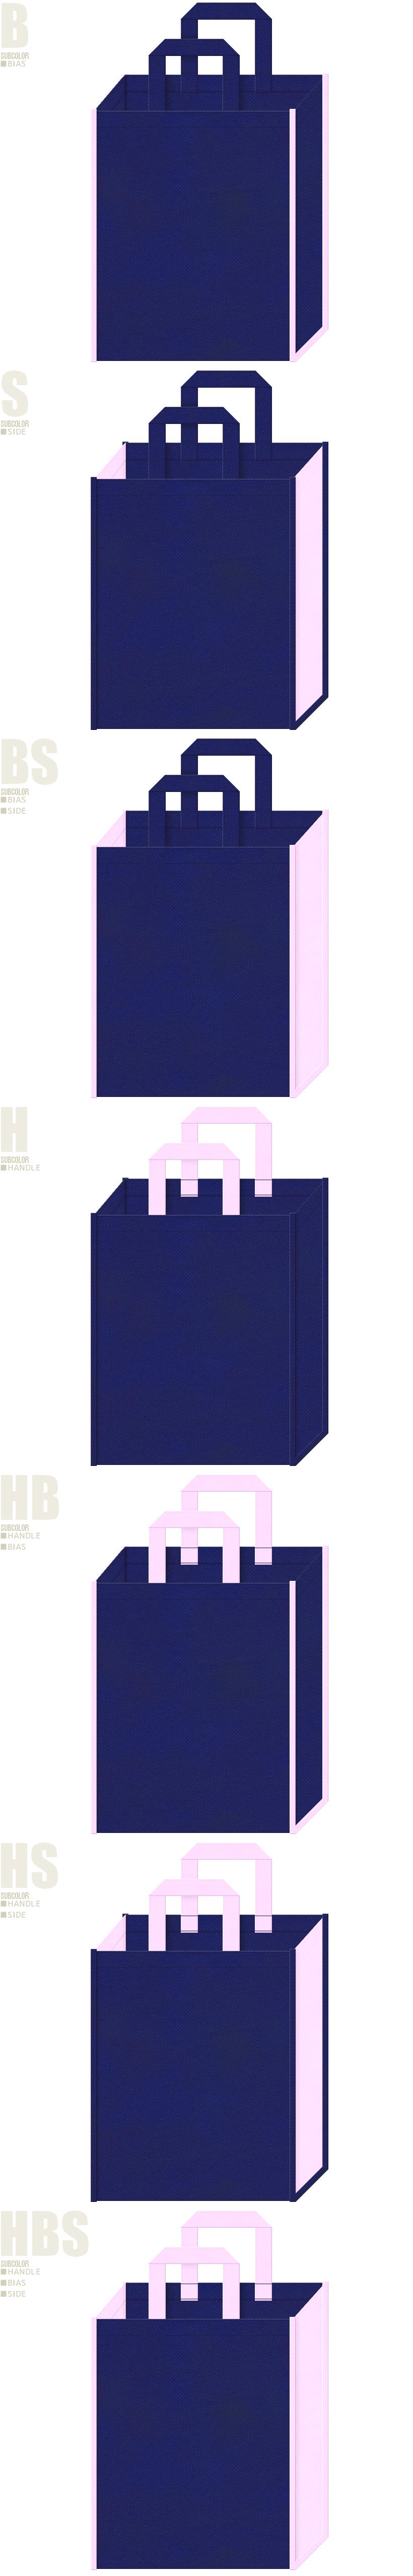 夏浴衣のイメージにお奨めの不織布バッグデザイン:明るい紺色と明るいピンク色の不織布バッグ配色7パターン